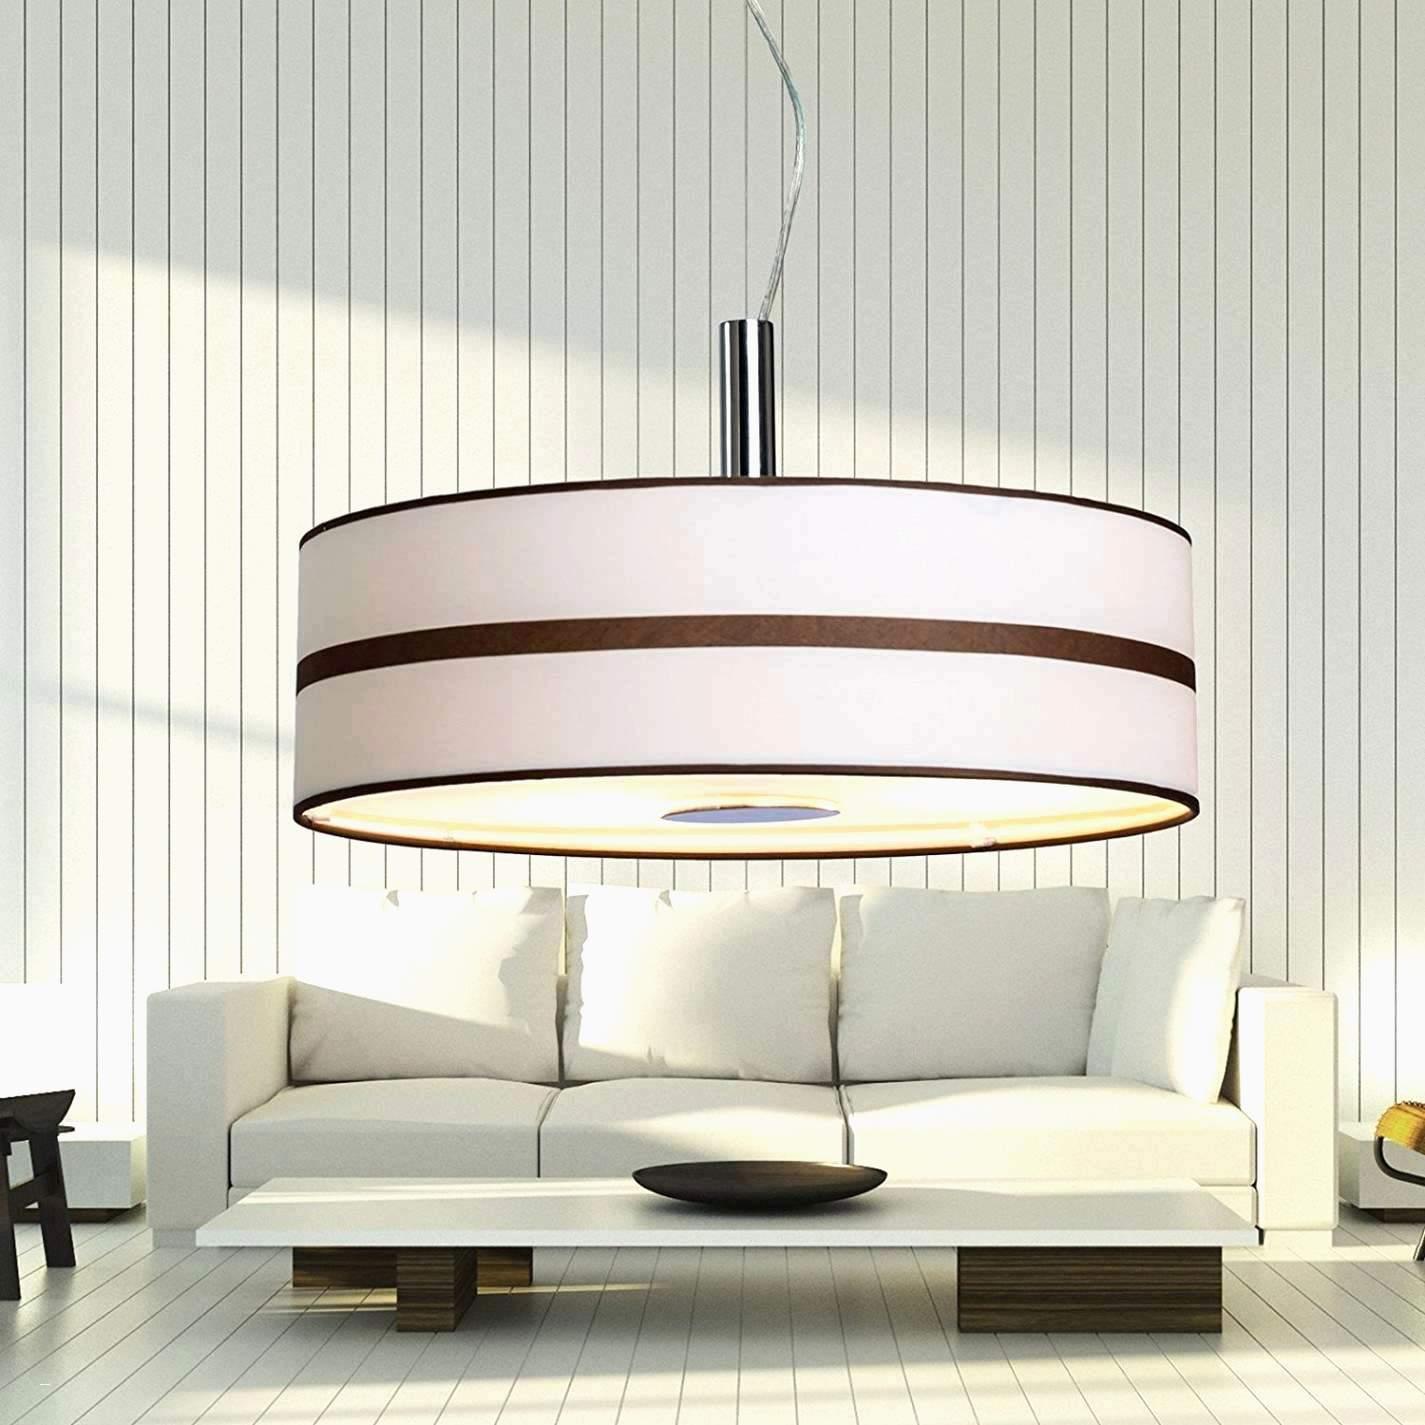 stehlampe wohnzimmer einzigartig stehlampe wohnzimmer design der grund warum sie es of stehlampe wohnzimmer